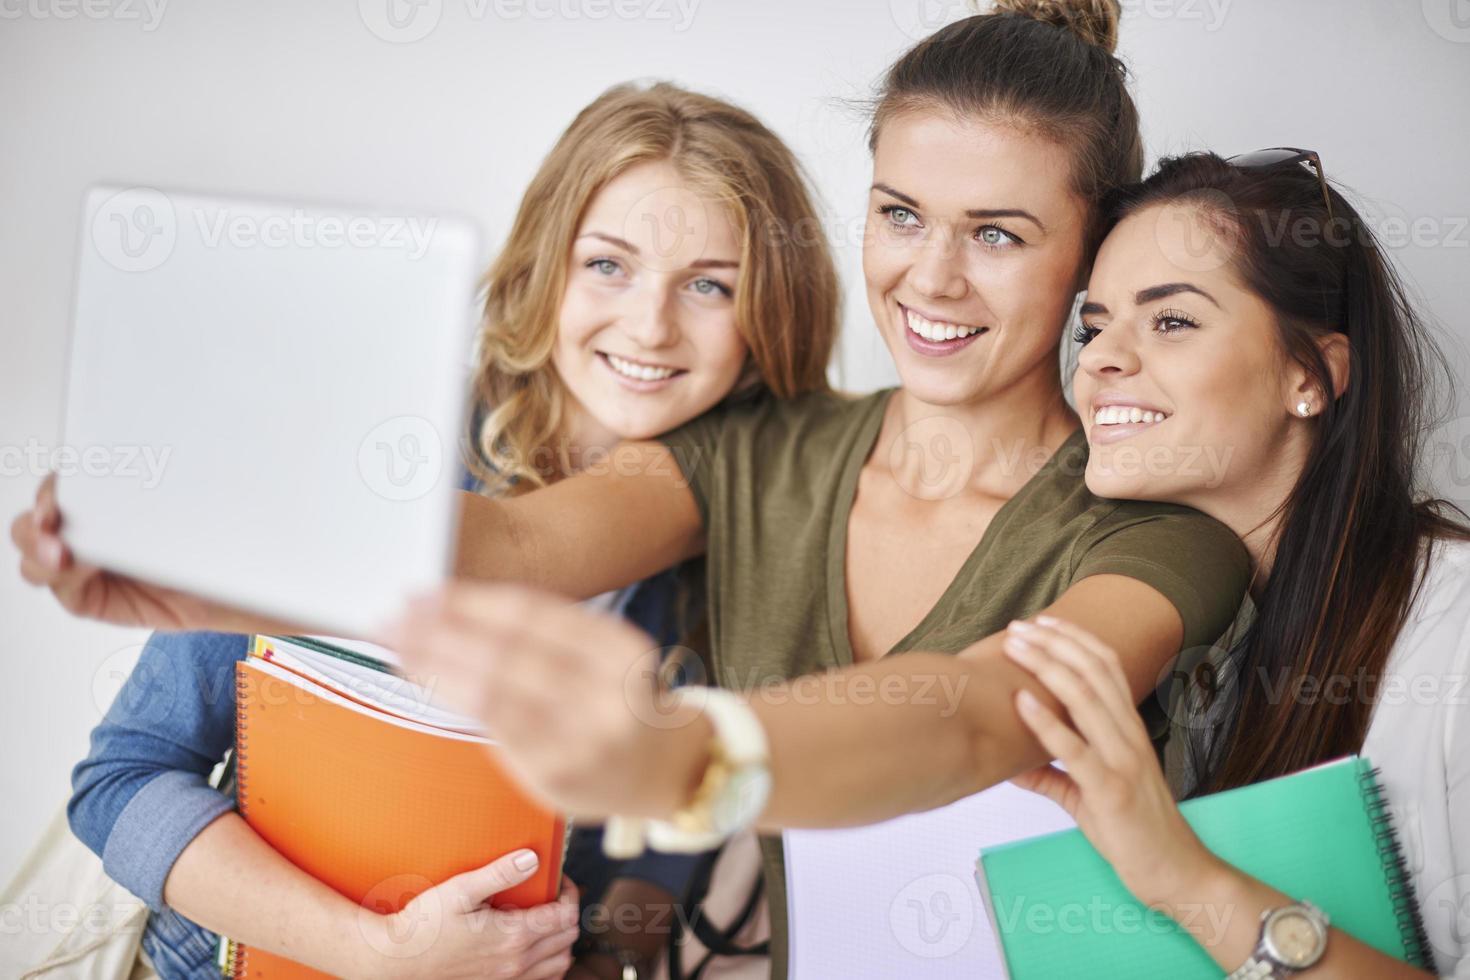 tiempo de selfie con amigos en el campus foto